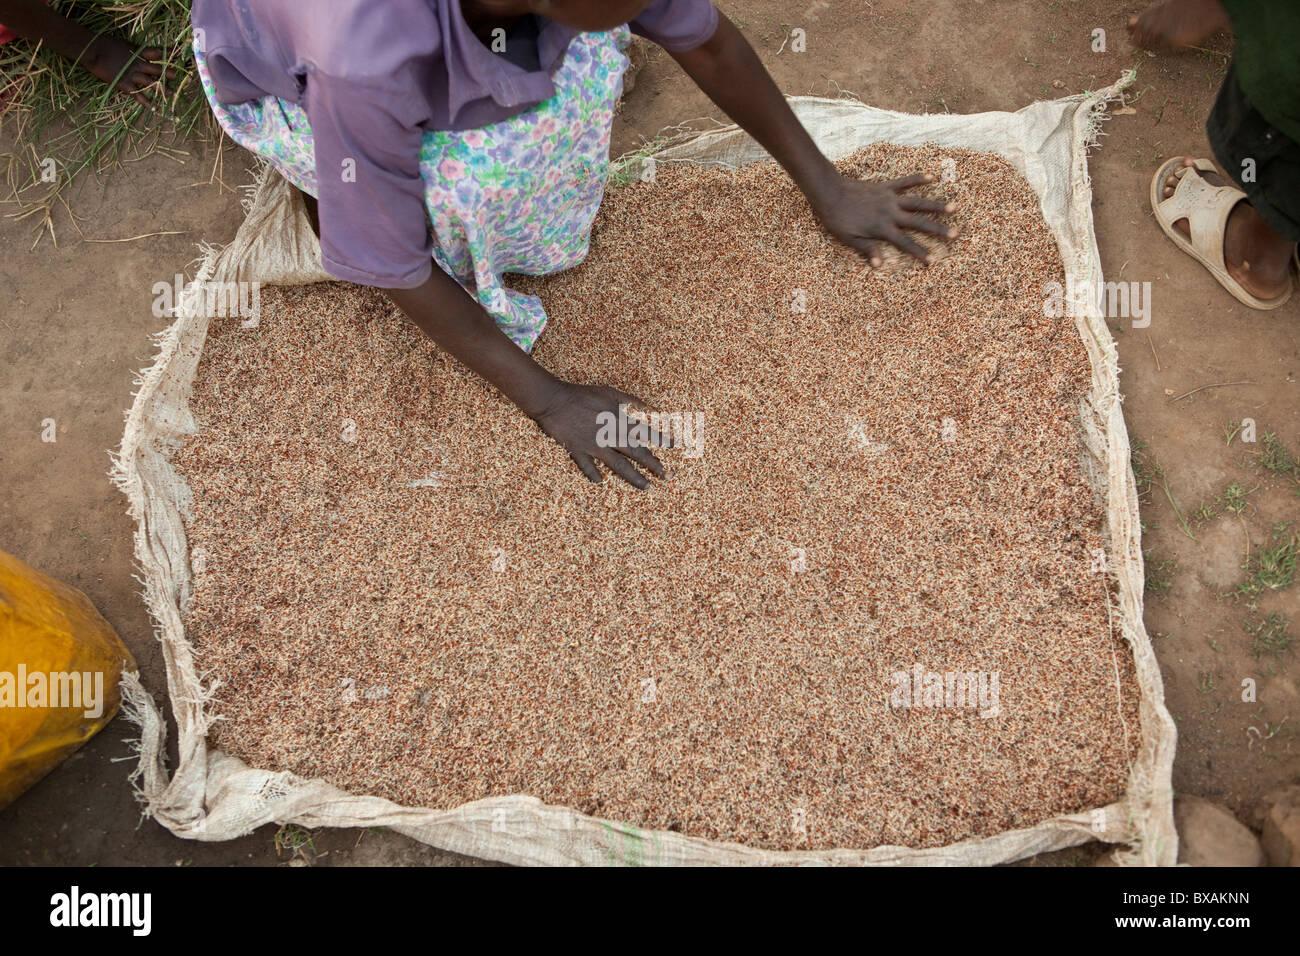 Une femme sortes millet pour être utilisé dans le brassage de la bière de banane à Mbale, est Photo Stock